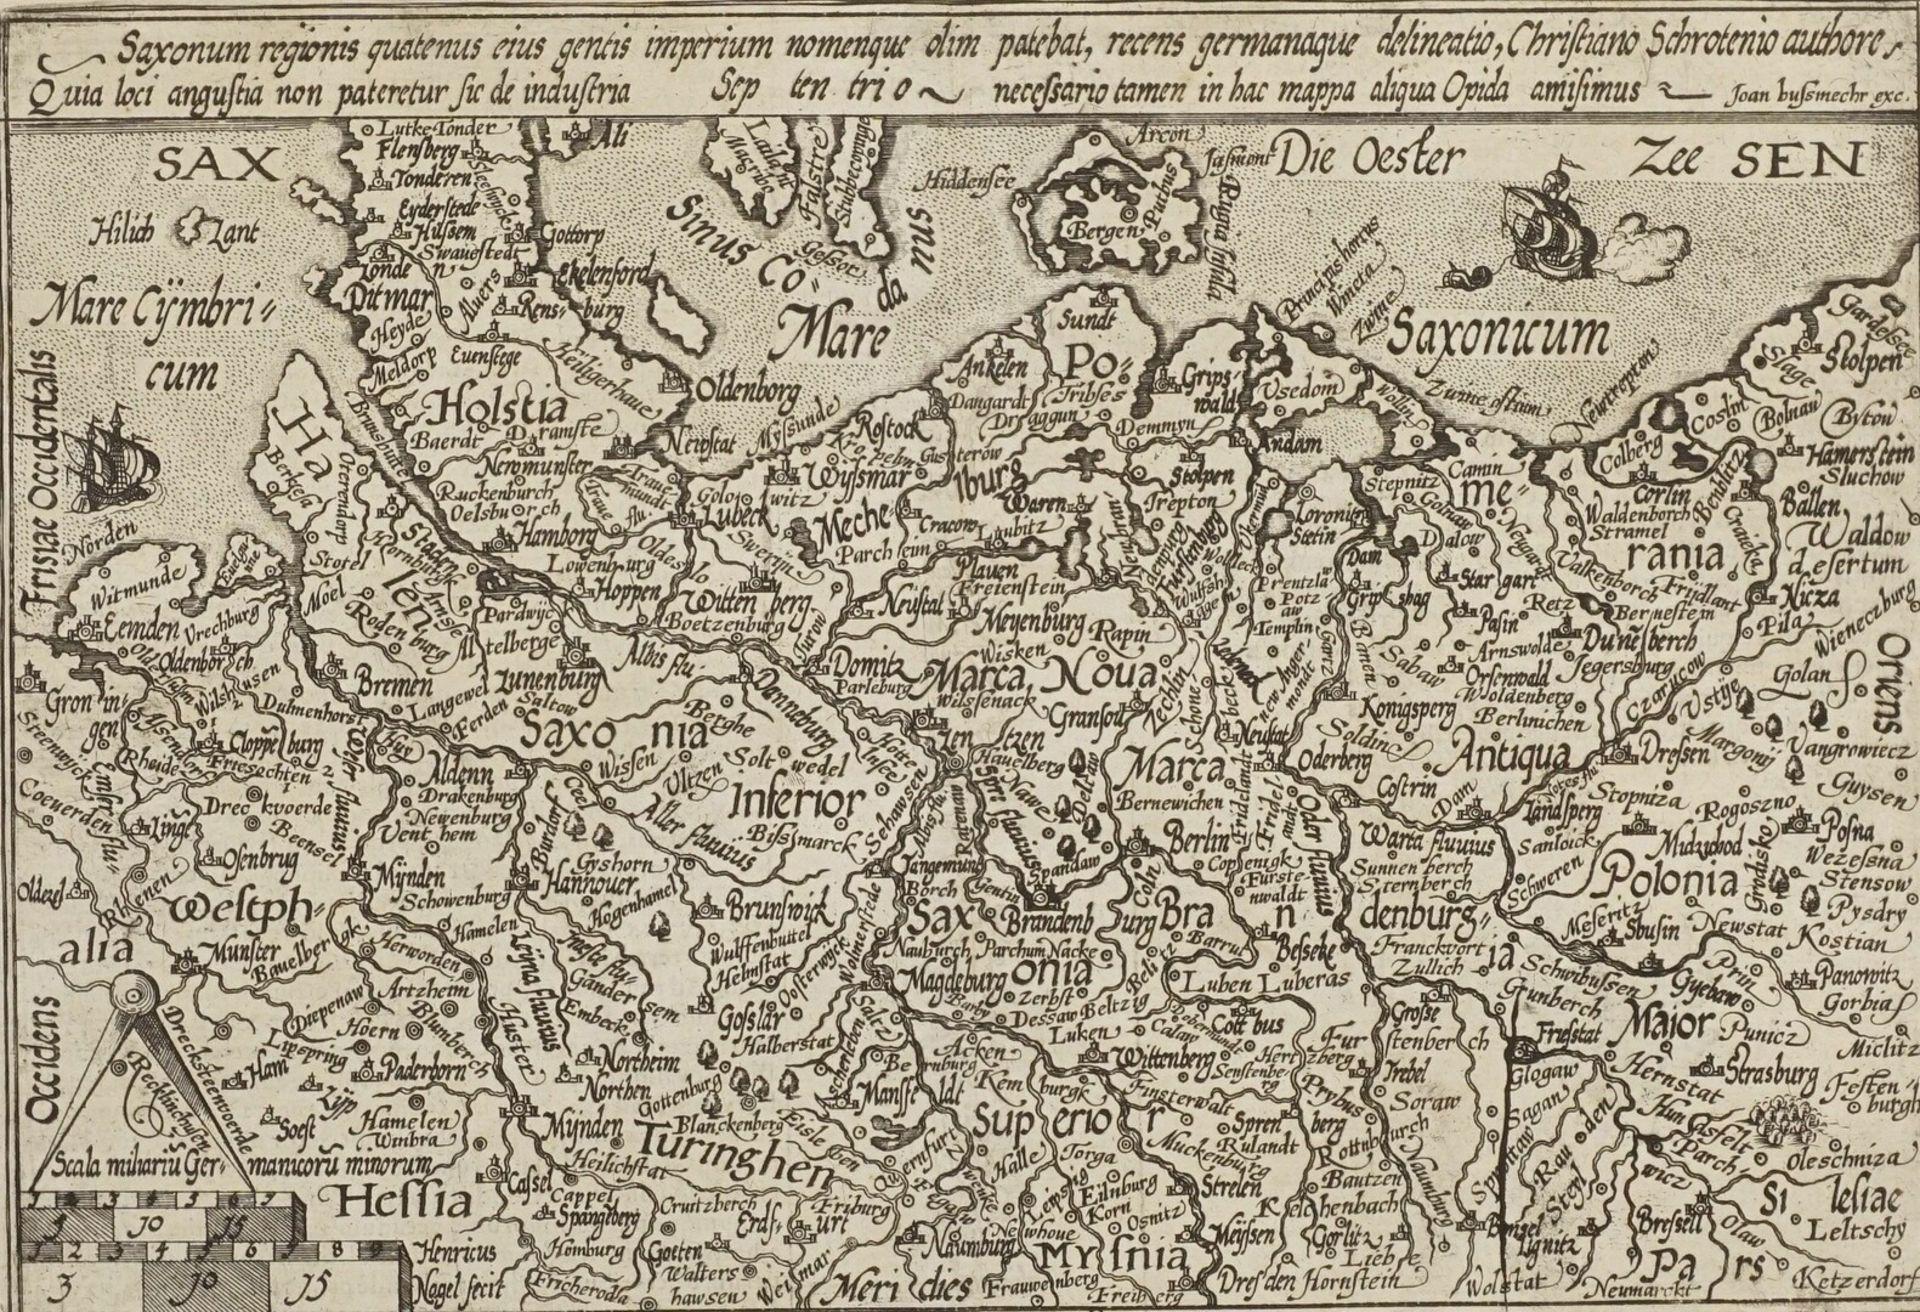 """Mat(t)hias Quad, """"Saxonum regionis quatenus eius gentis imperium nomenque olim patebat, recens ..."""